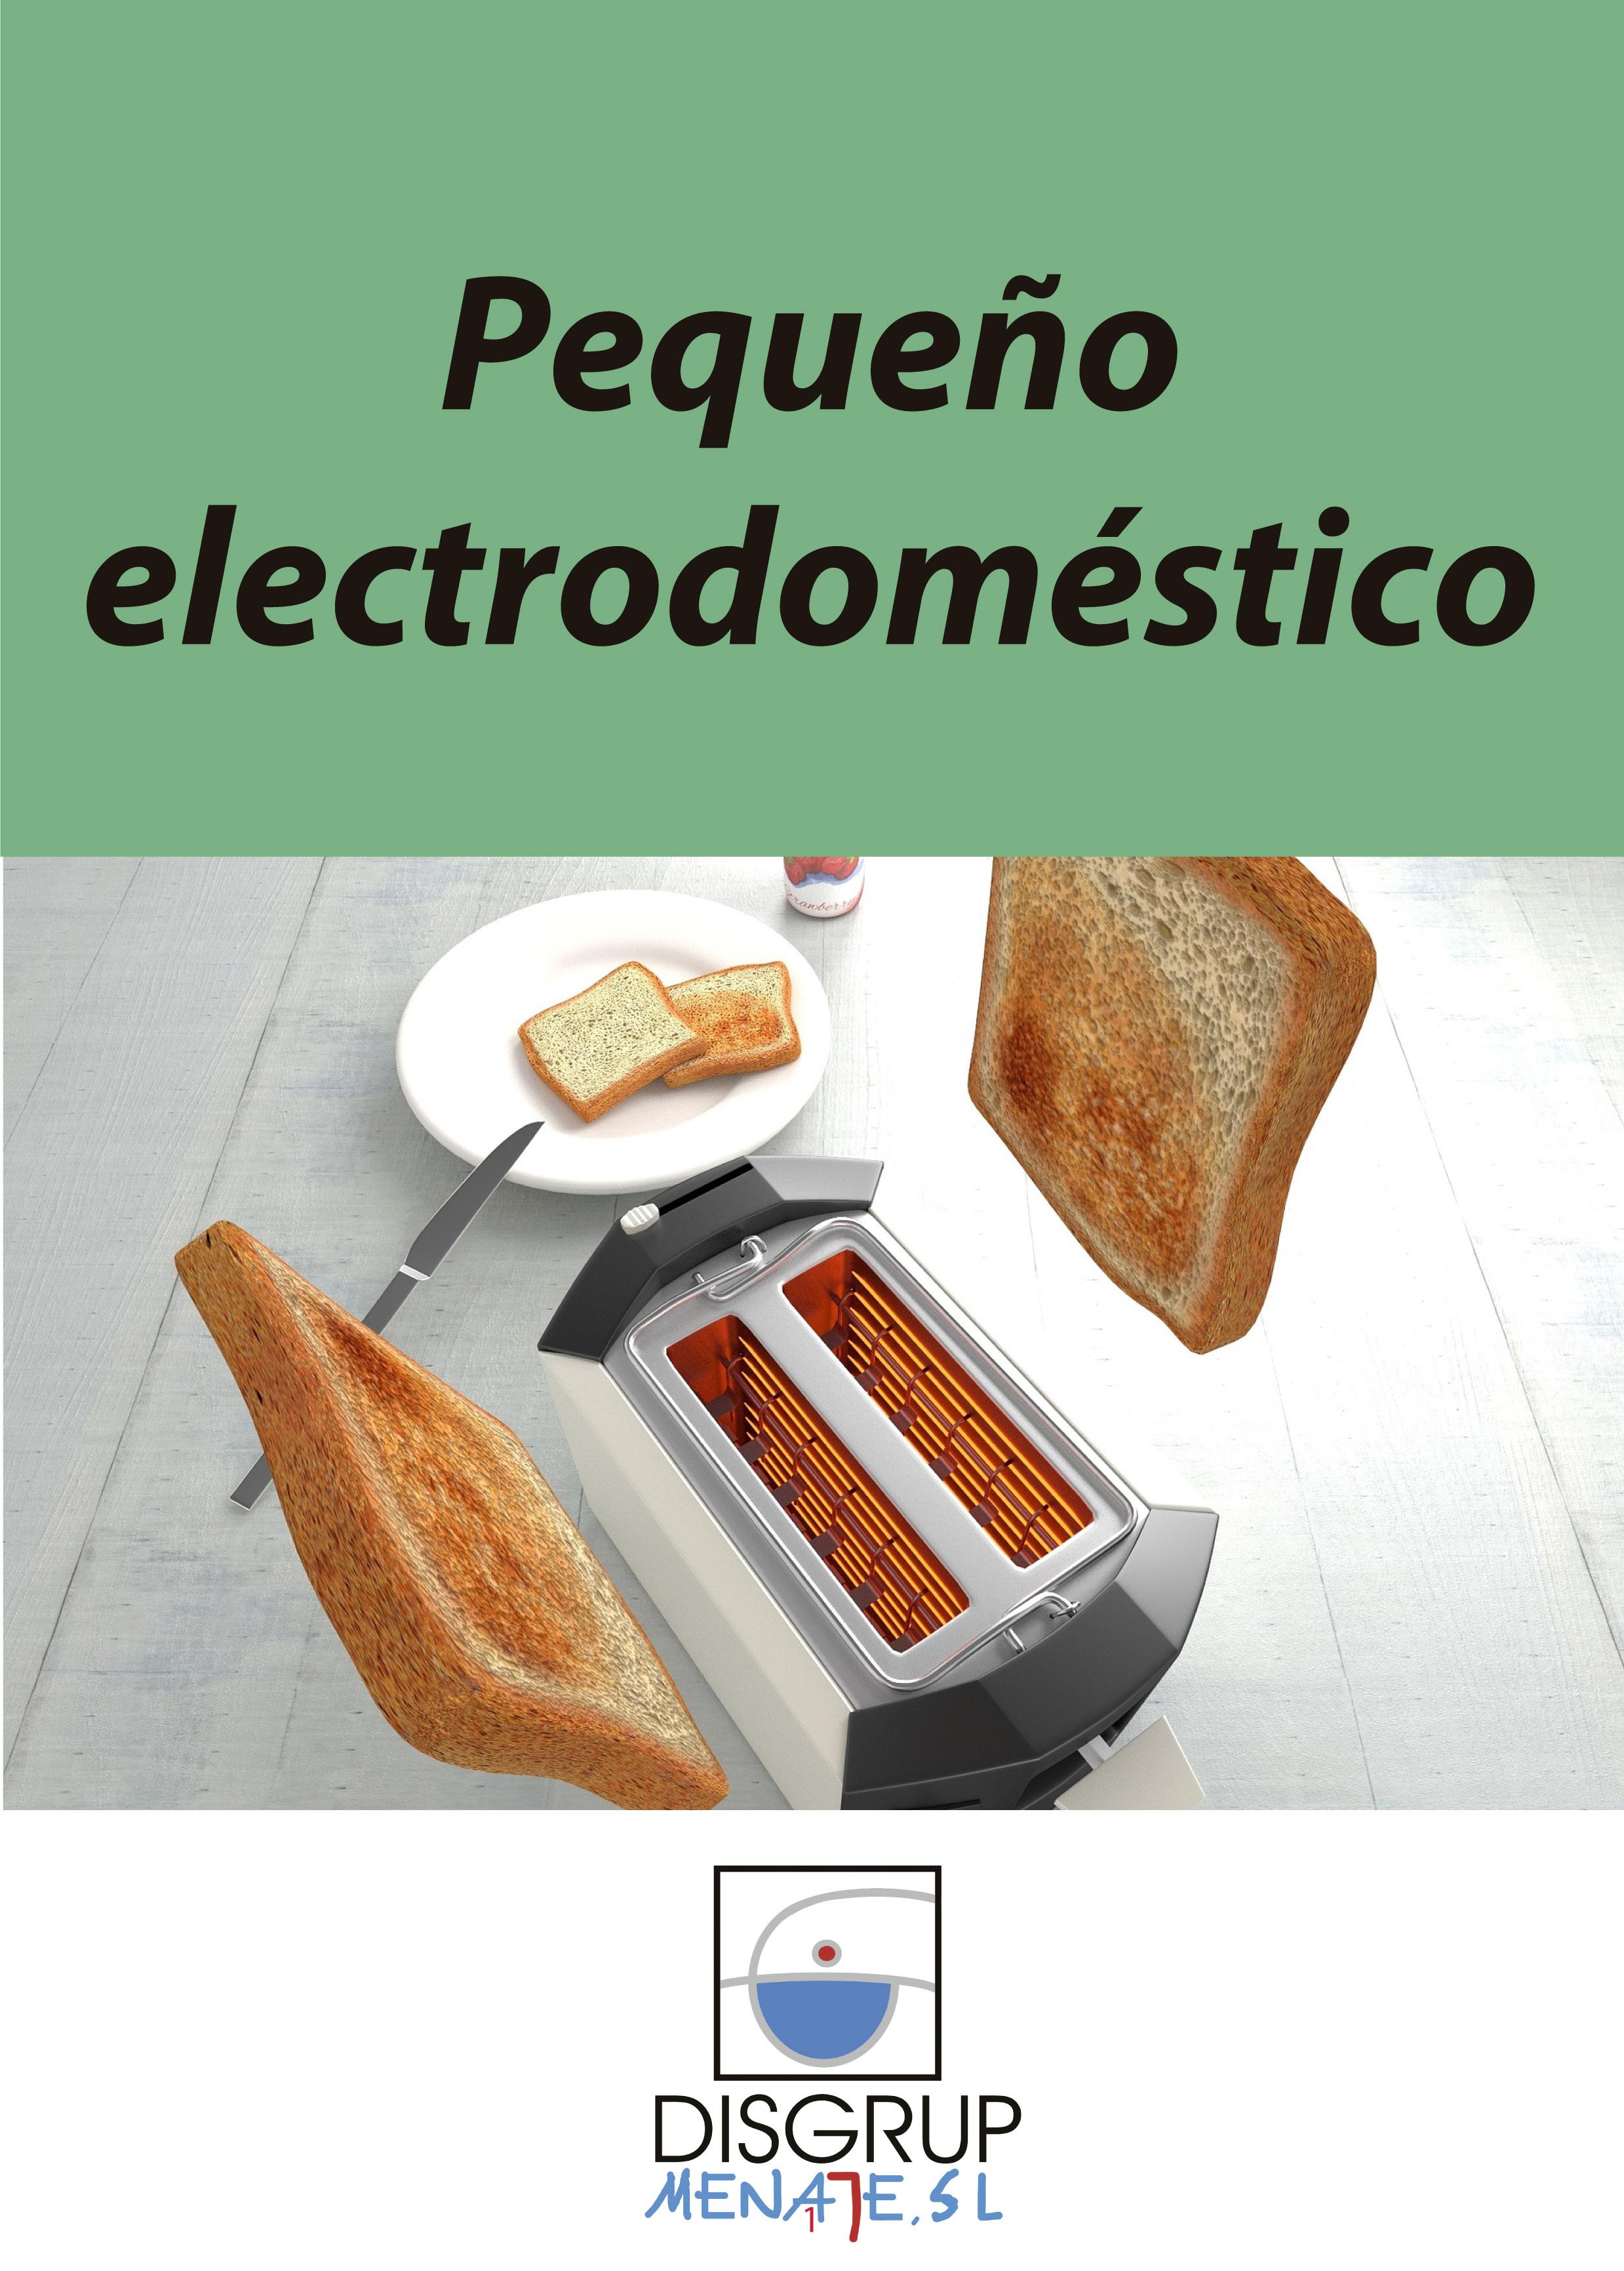 Pequeño electrodomestico